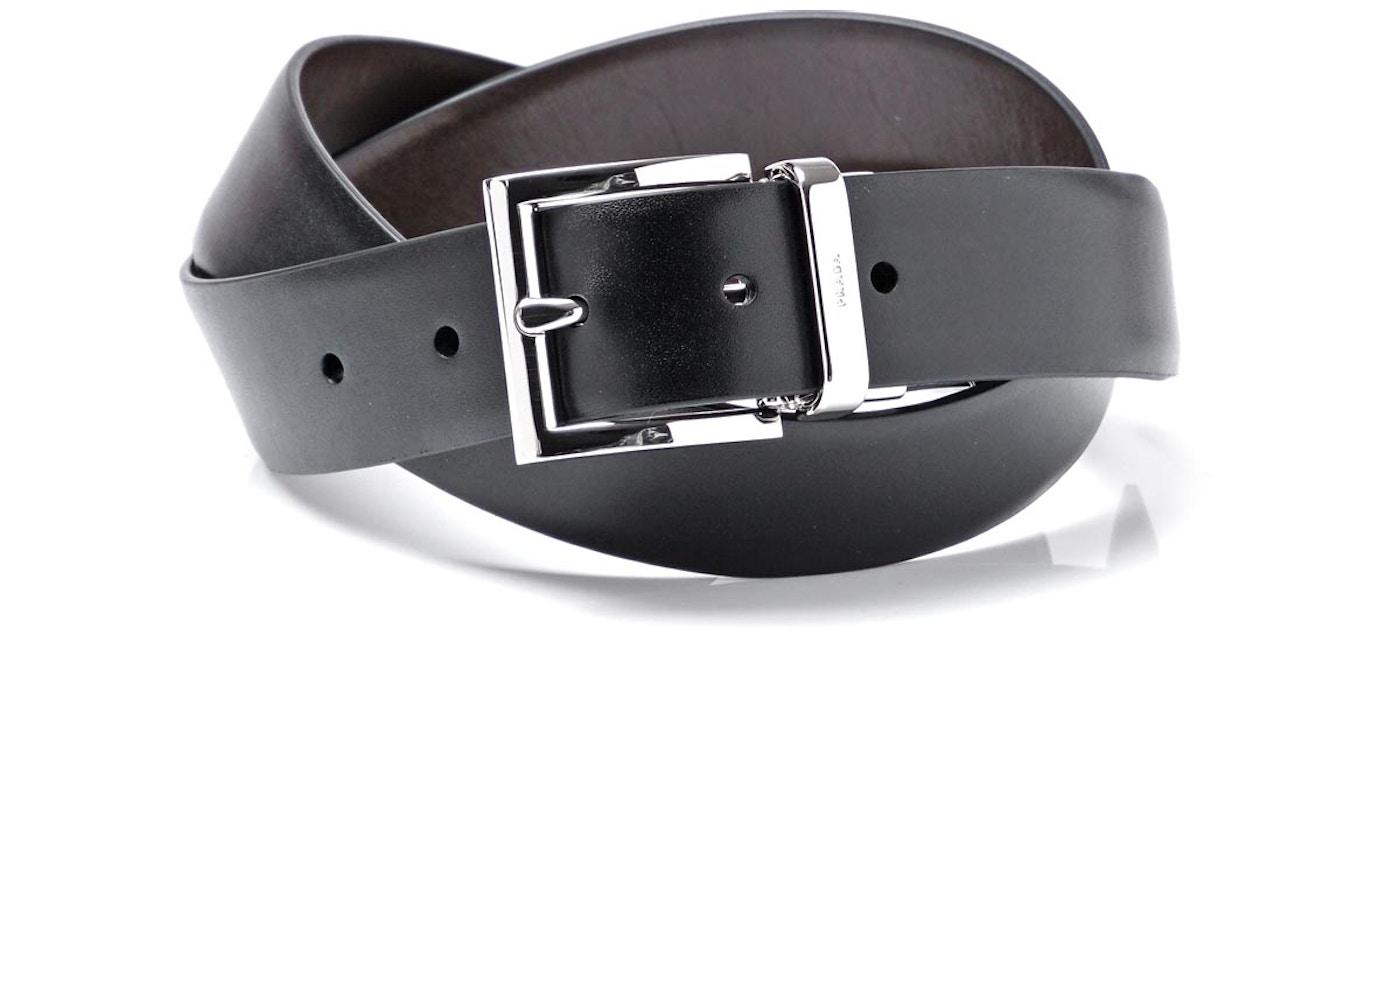 84c63faa0f7b6 Prada Saffiano Leather Belt 1 Width Black